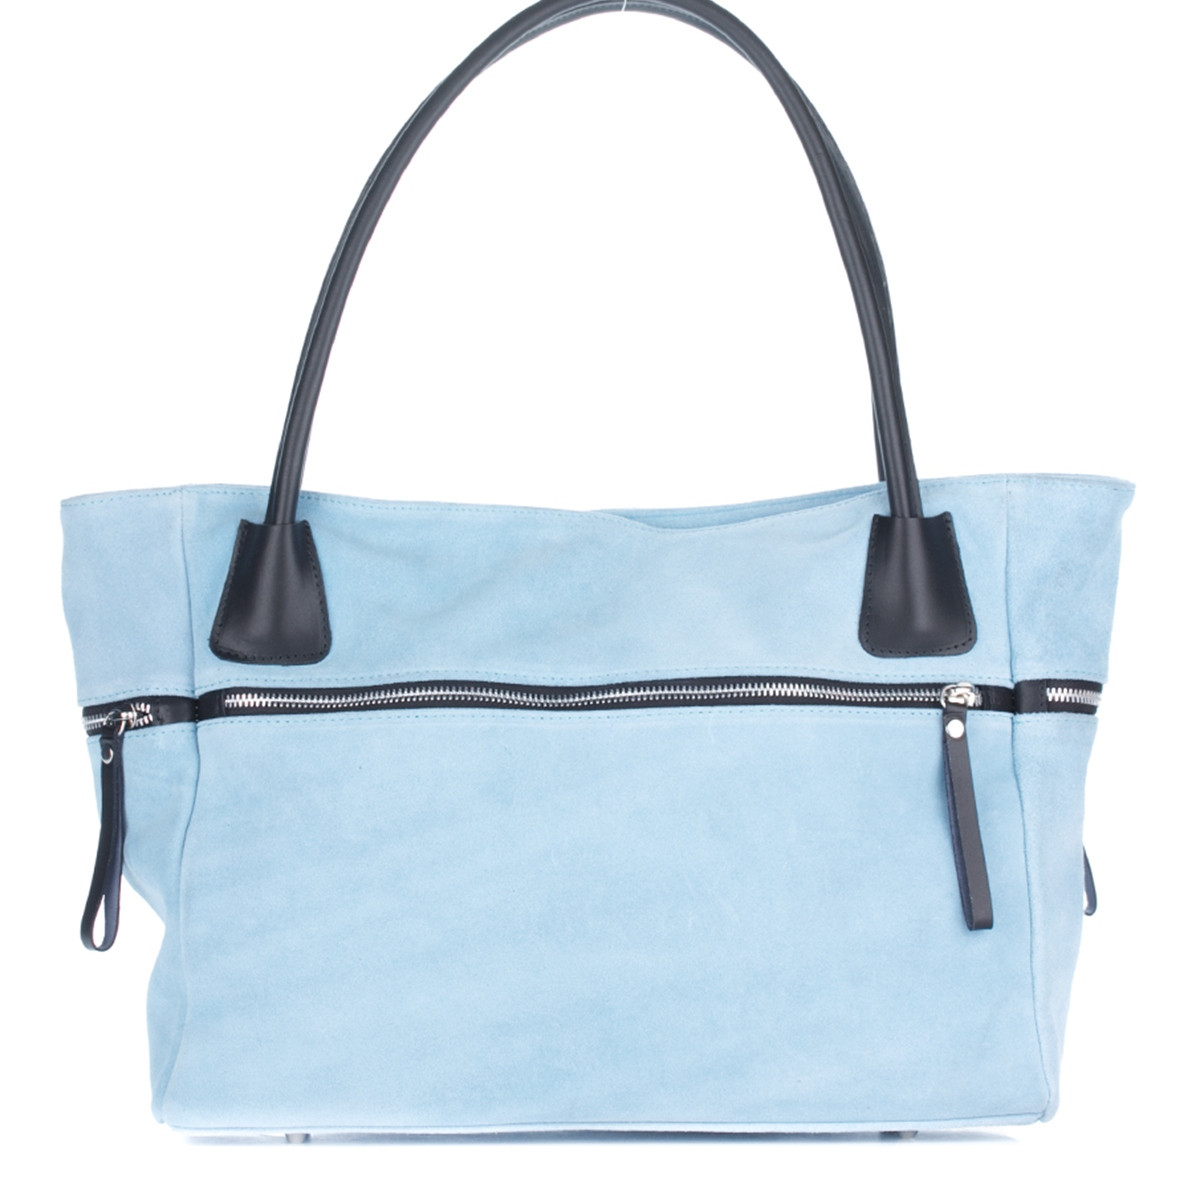 Женская замшевая сумка 1891 голубого цвета Италия